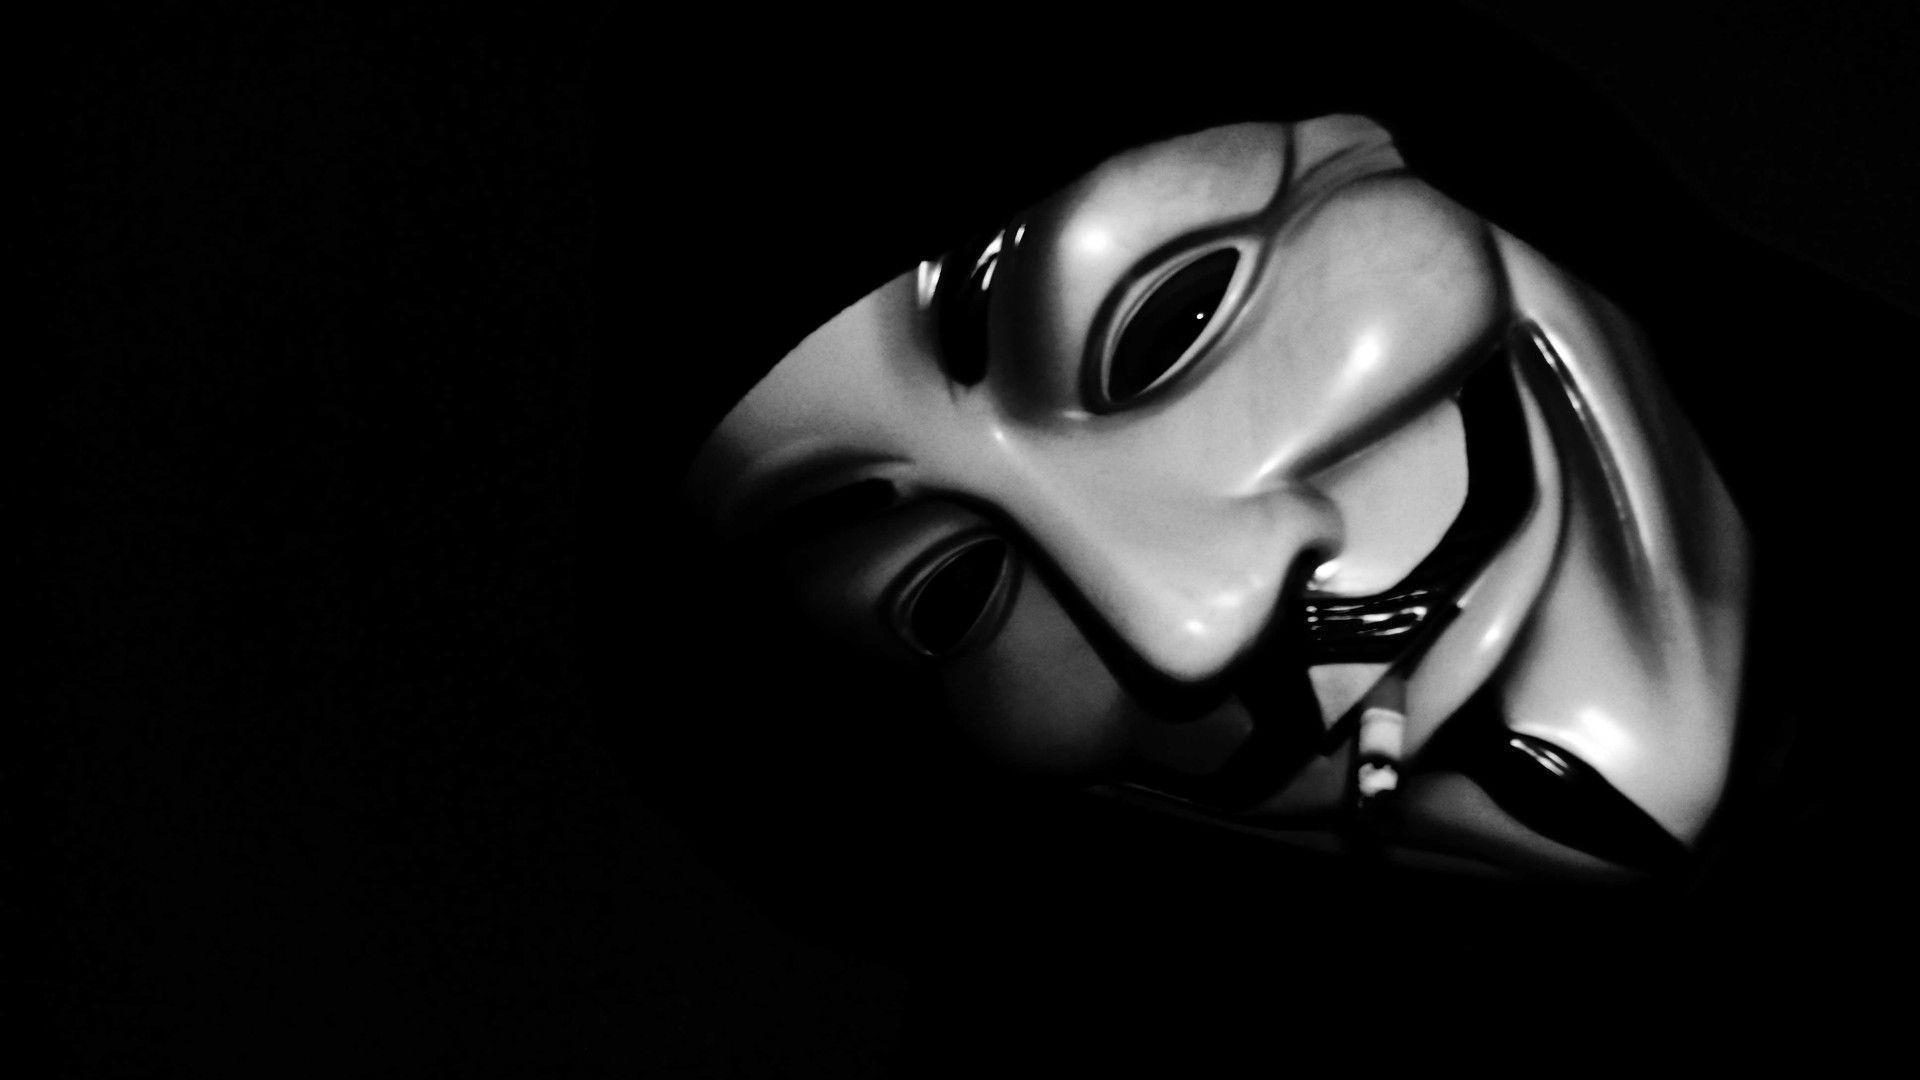 88 V For Vendetta Wallpaper 1366x768